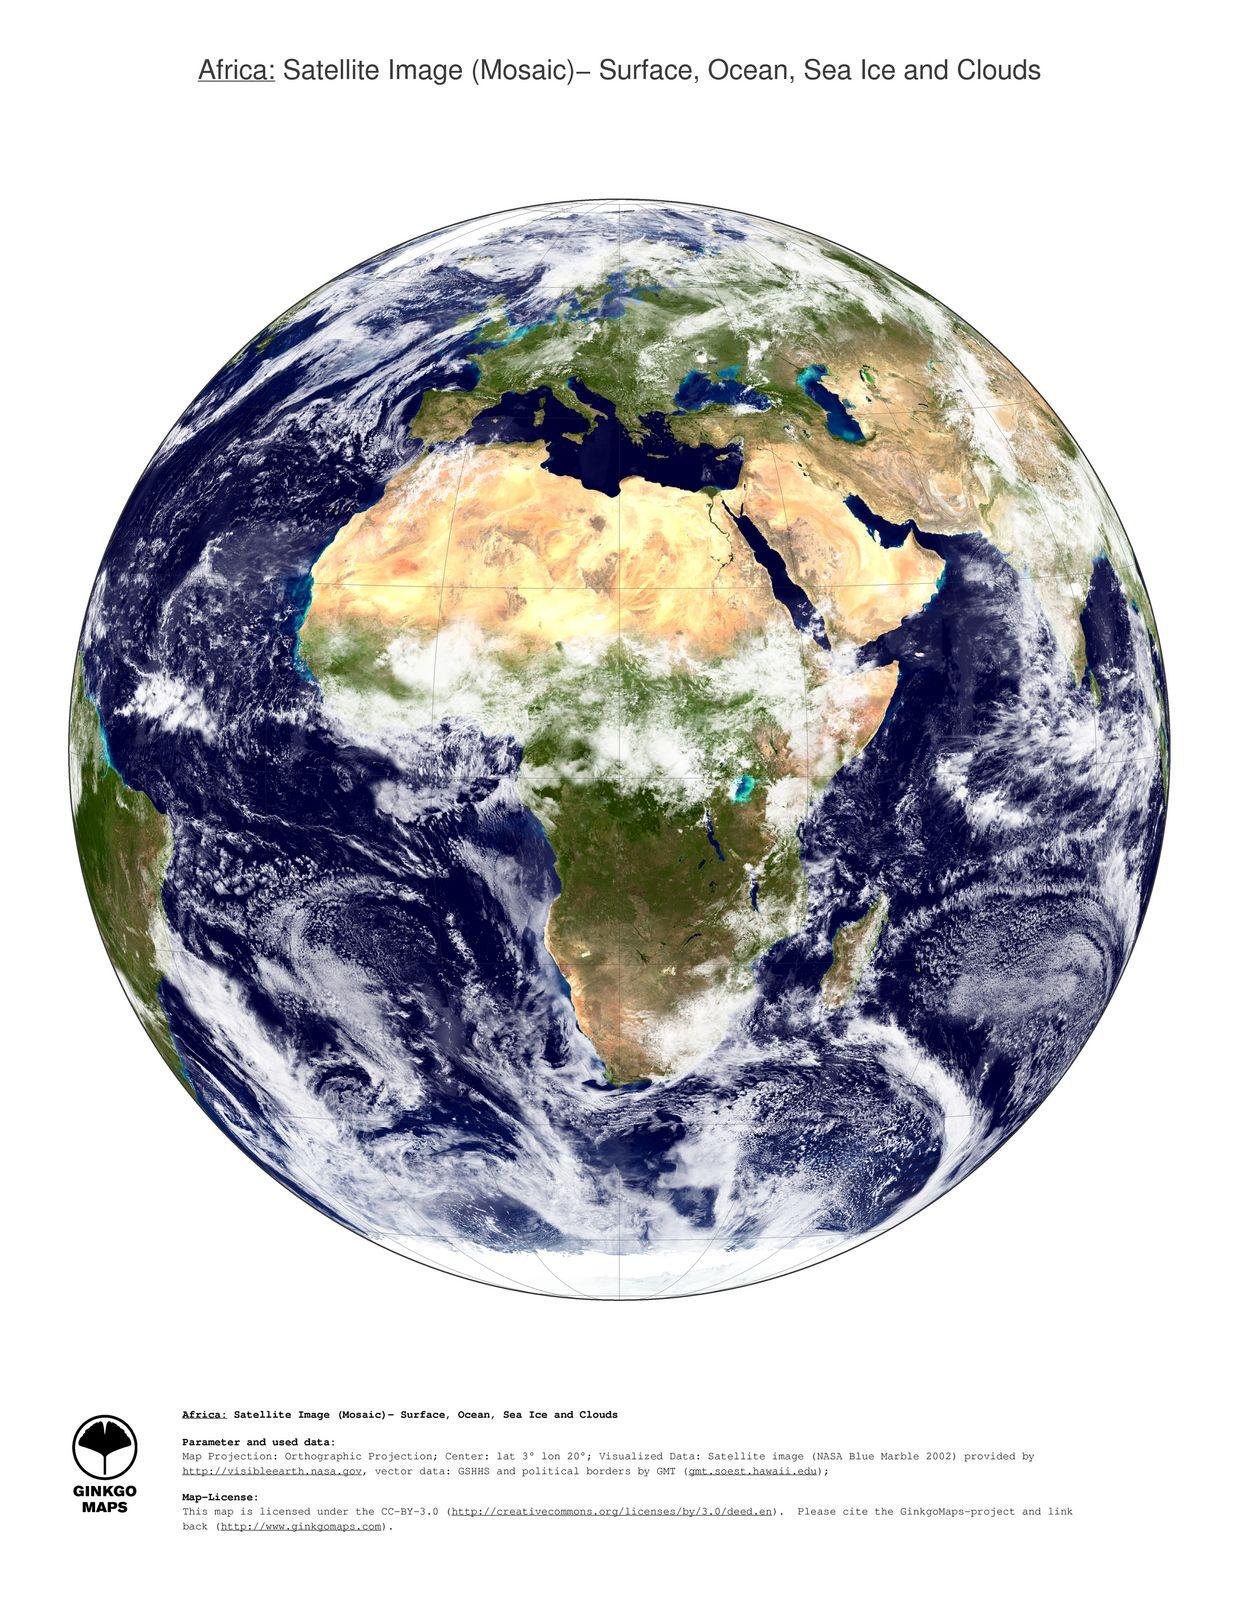 Imprimir mapas en pdf tools maps pinterest free maps and africa imprimir mapas en pdf gumiabroncs Choice Image